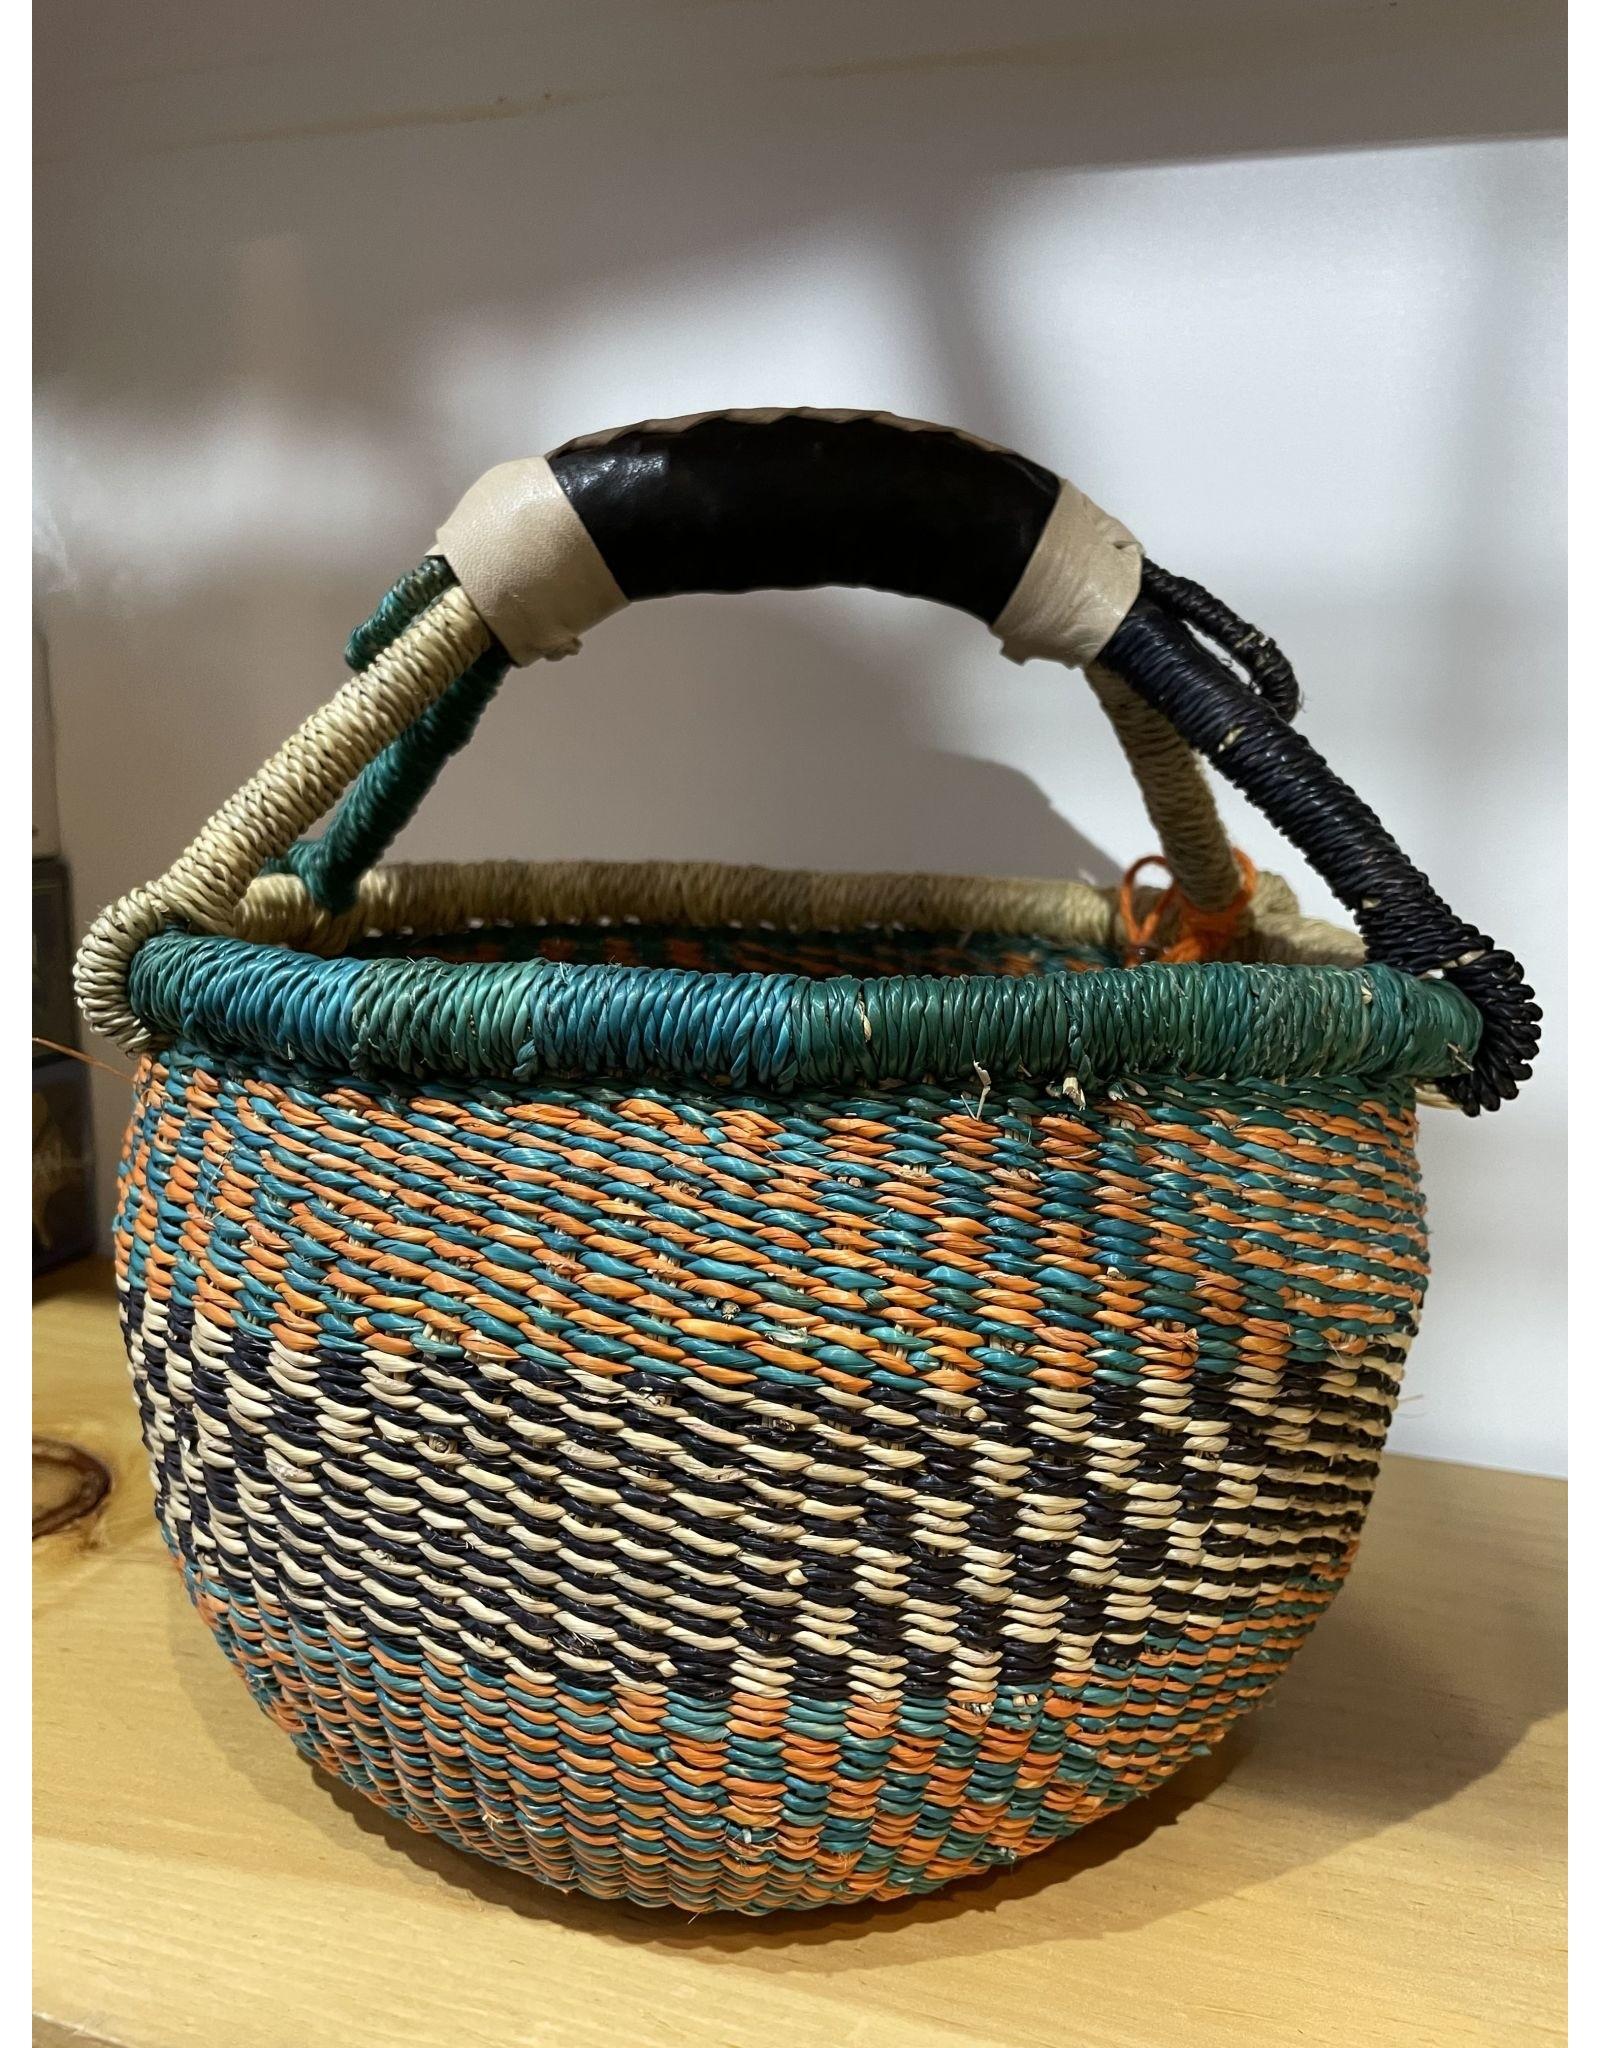 Big Blue Moma Colourful Bolga Basket Small T/O/B